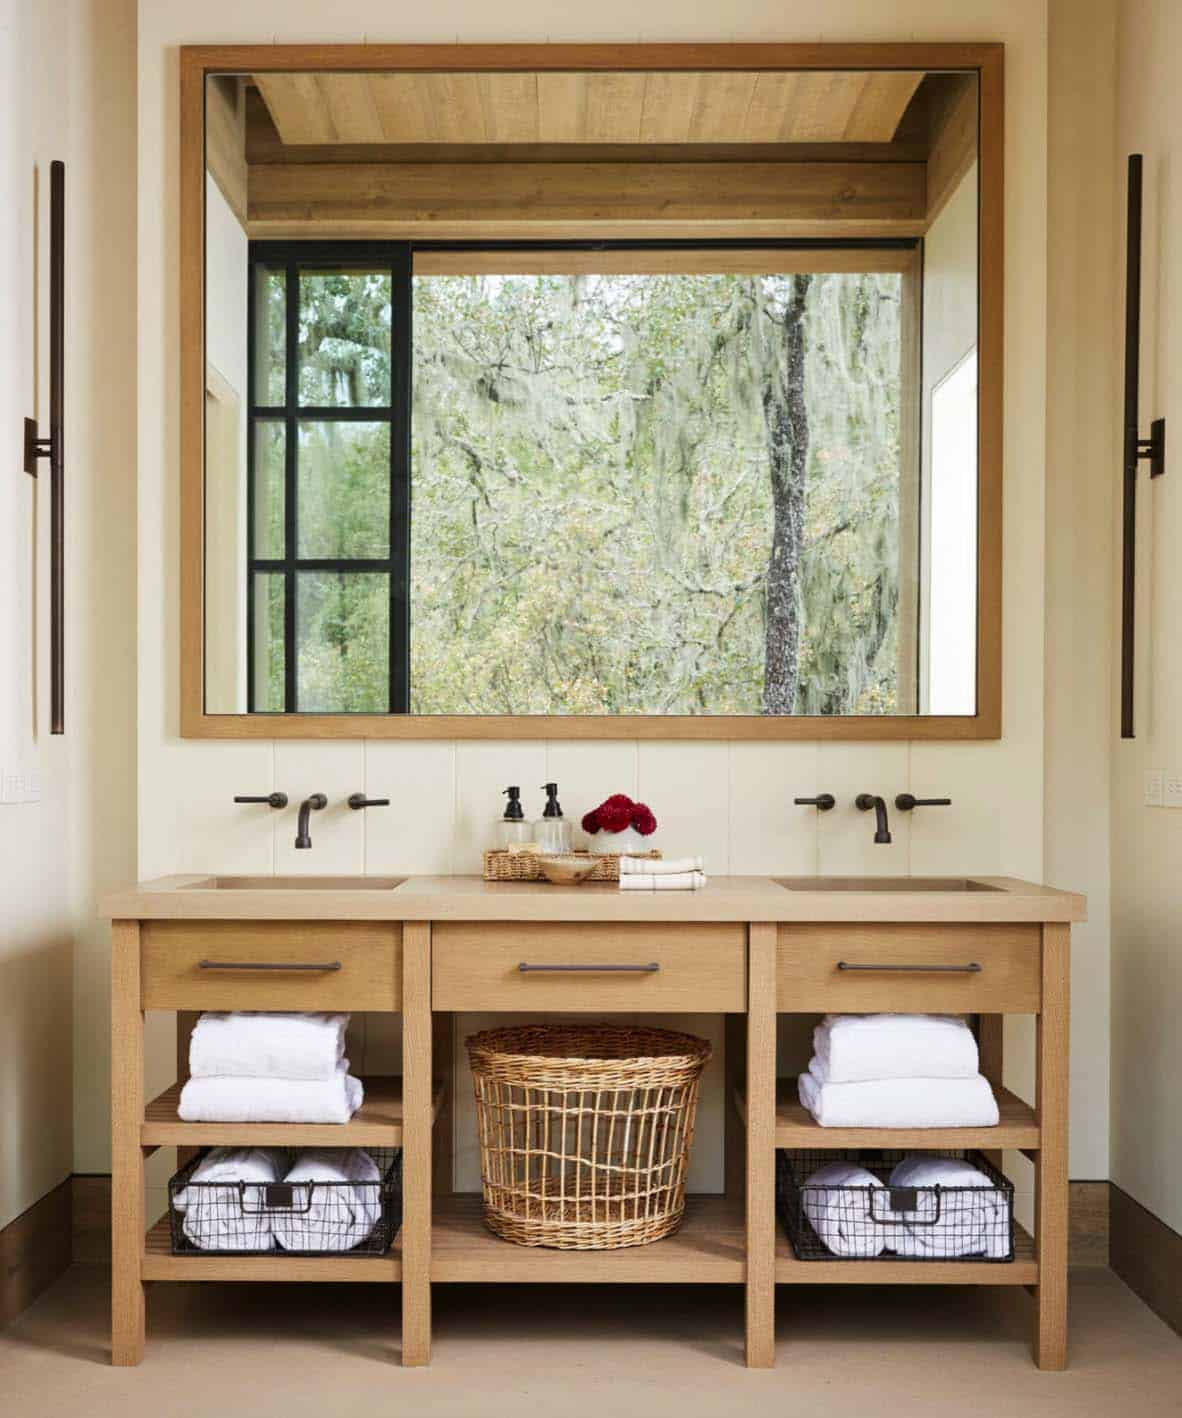 Hilltop Guesthouse Sanctuary-Julie Hawkins Design-05-1 Kindesign